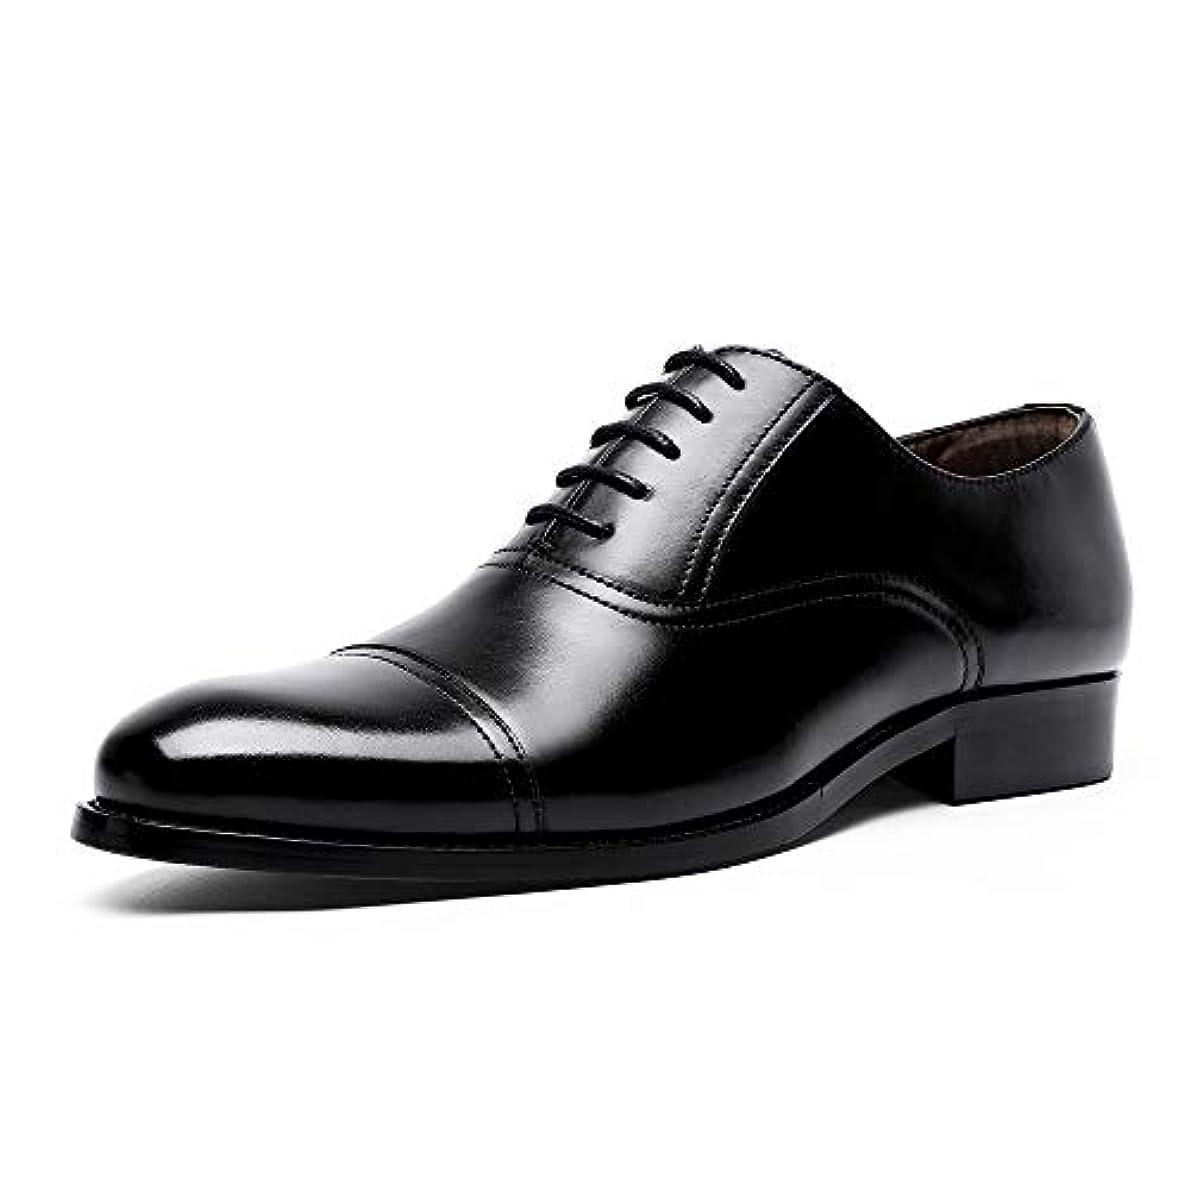 連帯ドラマ利得iKuma ビジネスシューズ メンズ 紳士靴 革靴 本革 高級靴 ストレートチップ 履きやすい 通気性 レースアップ フォーマル 冠婚葬祭